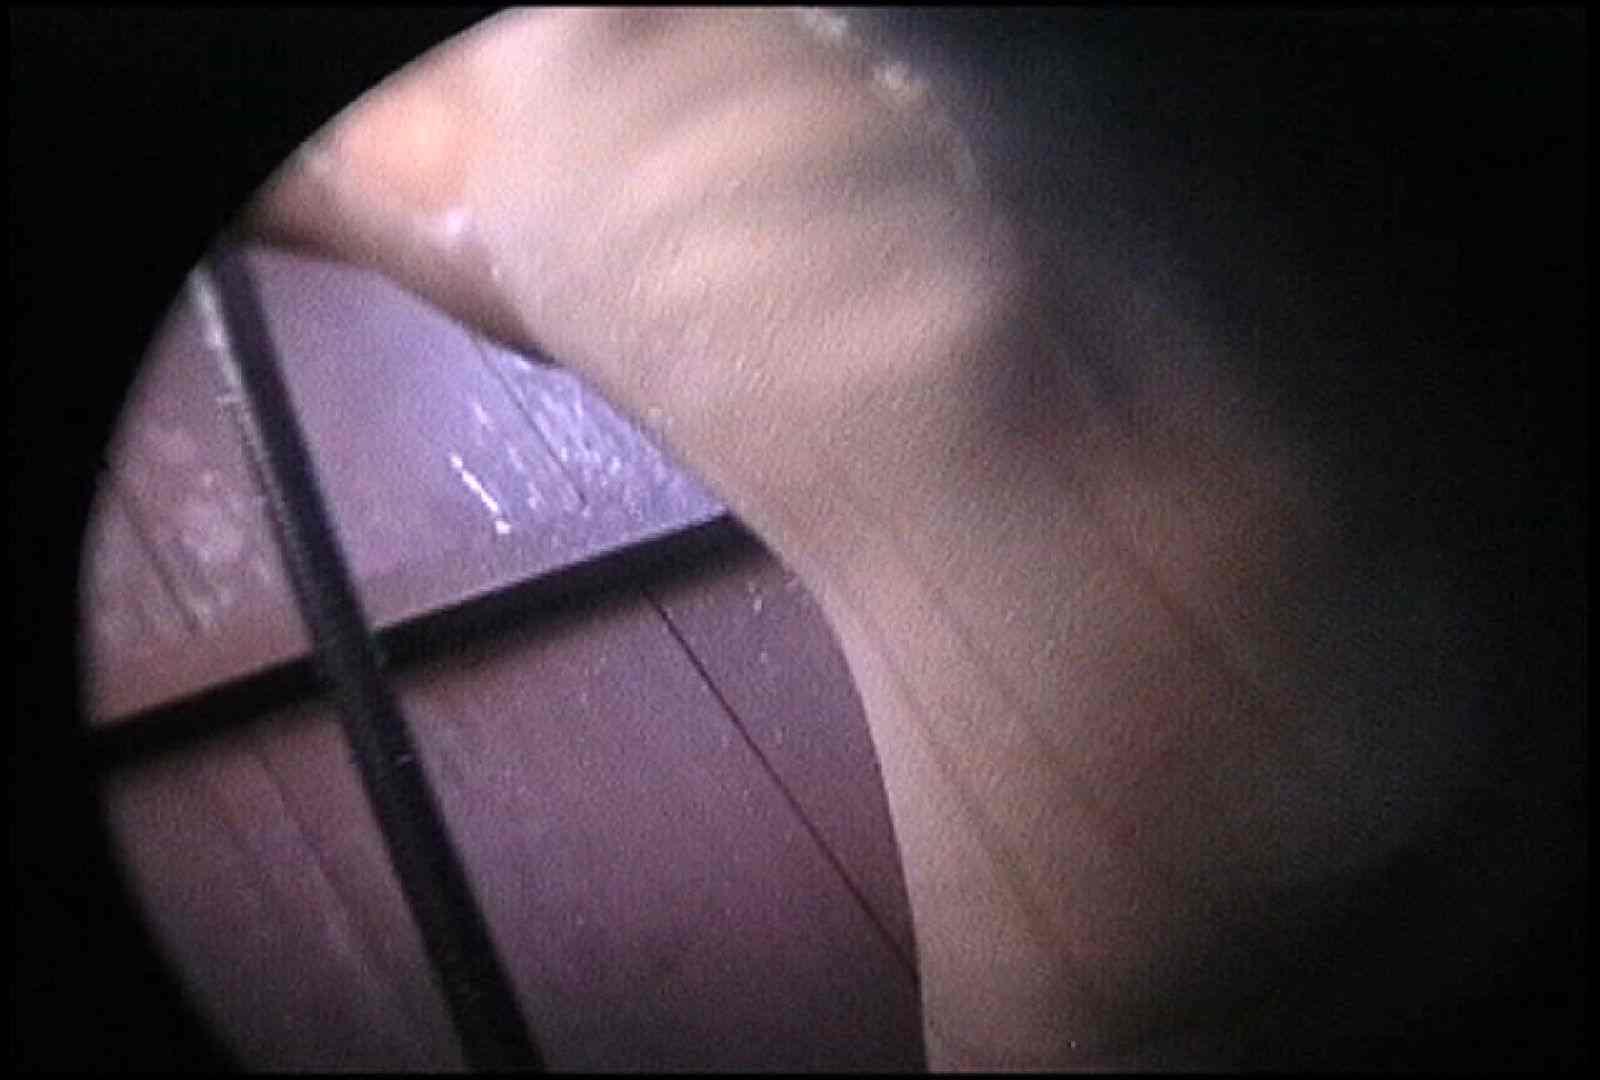 トイレ盗撮|No.137 放射状陰毛と硬い乳|怪盗ジョーカー